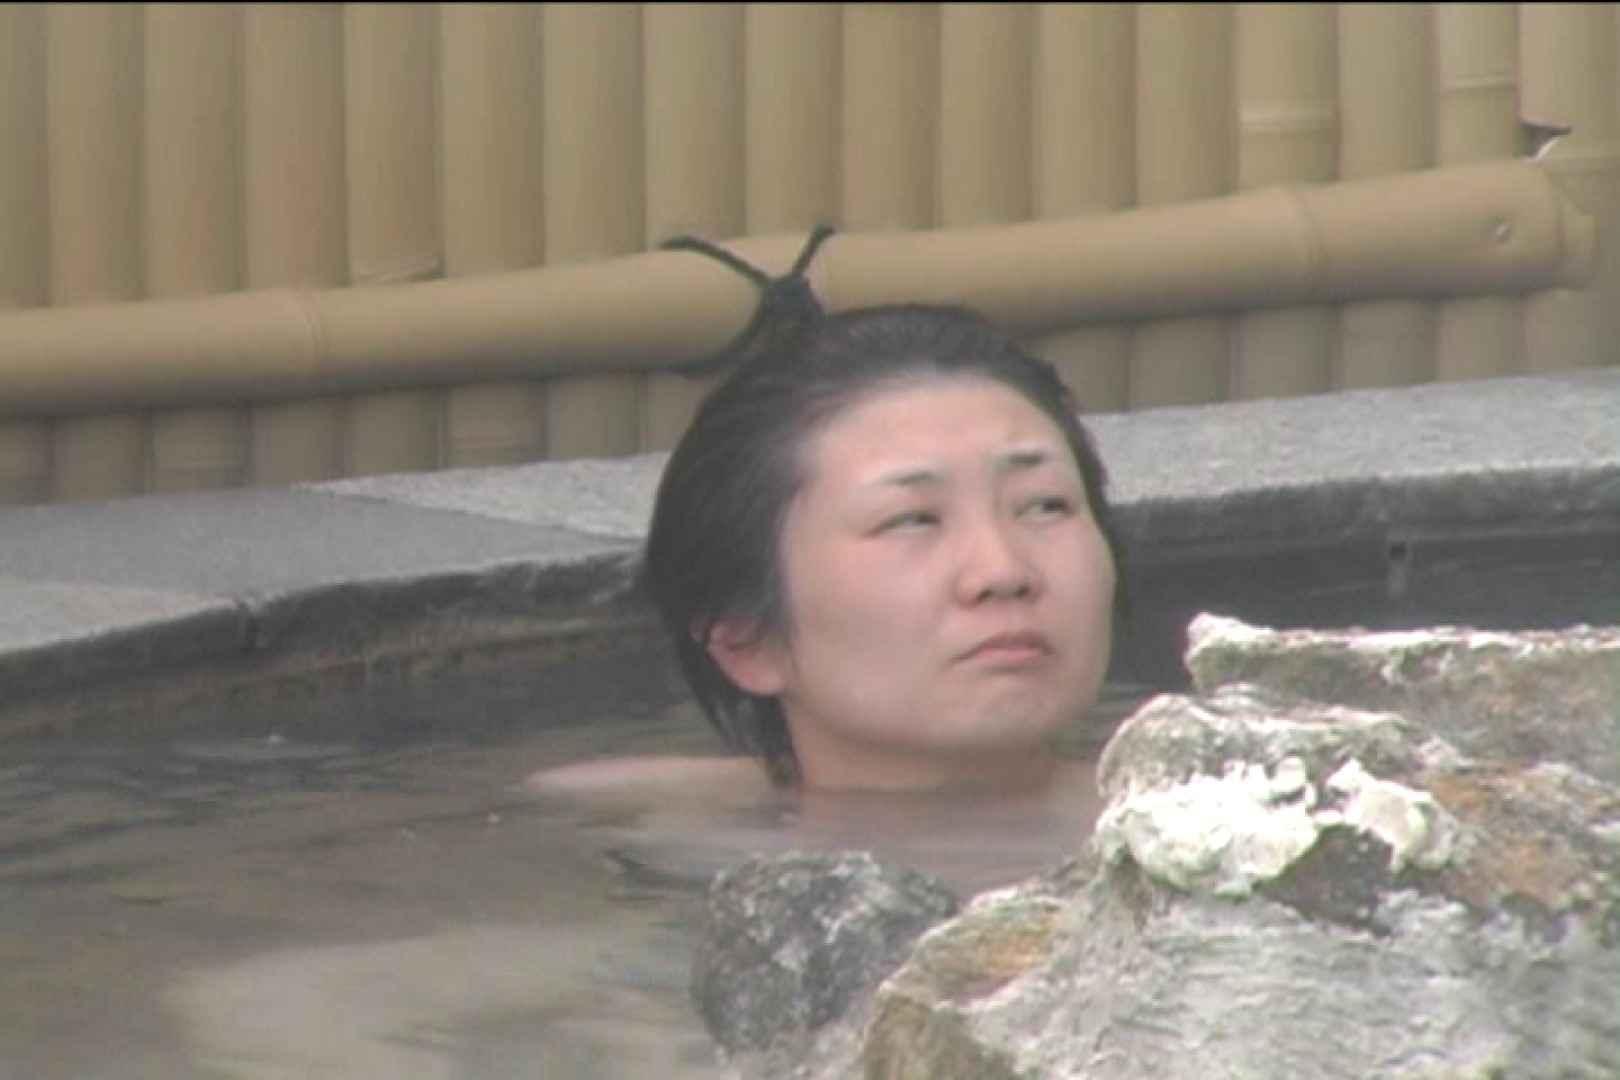 Aquaな露天風呂Vol.531 盗撮シリーズ  85PIX 50